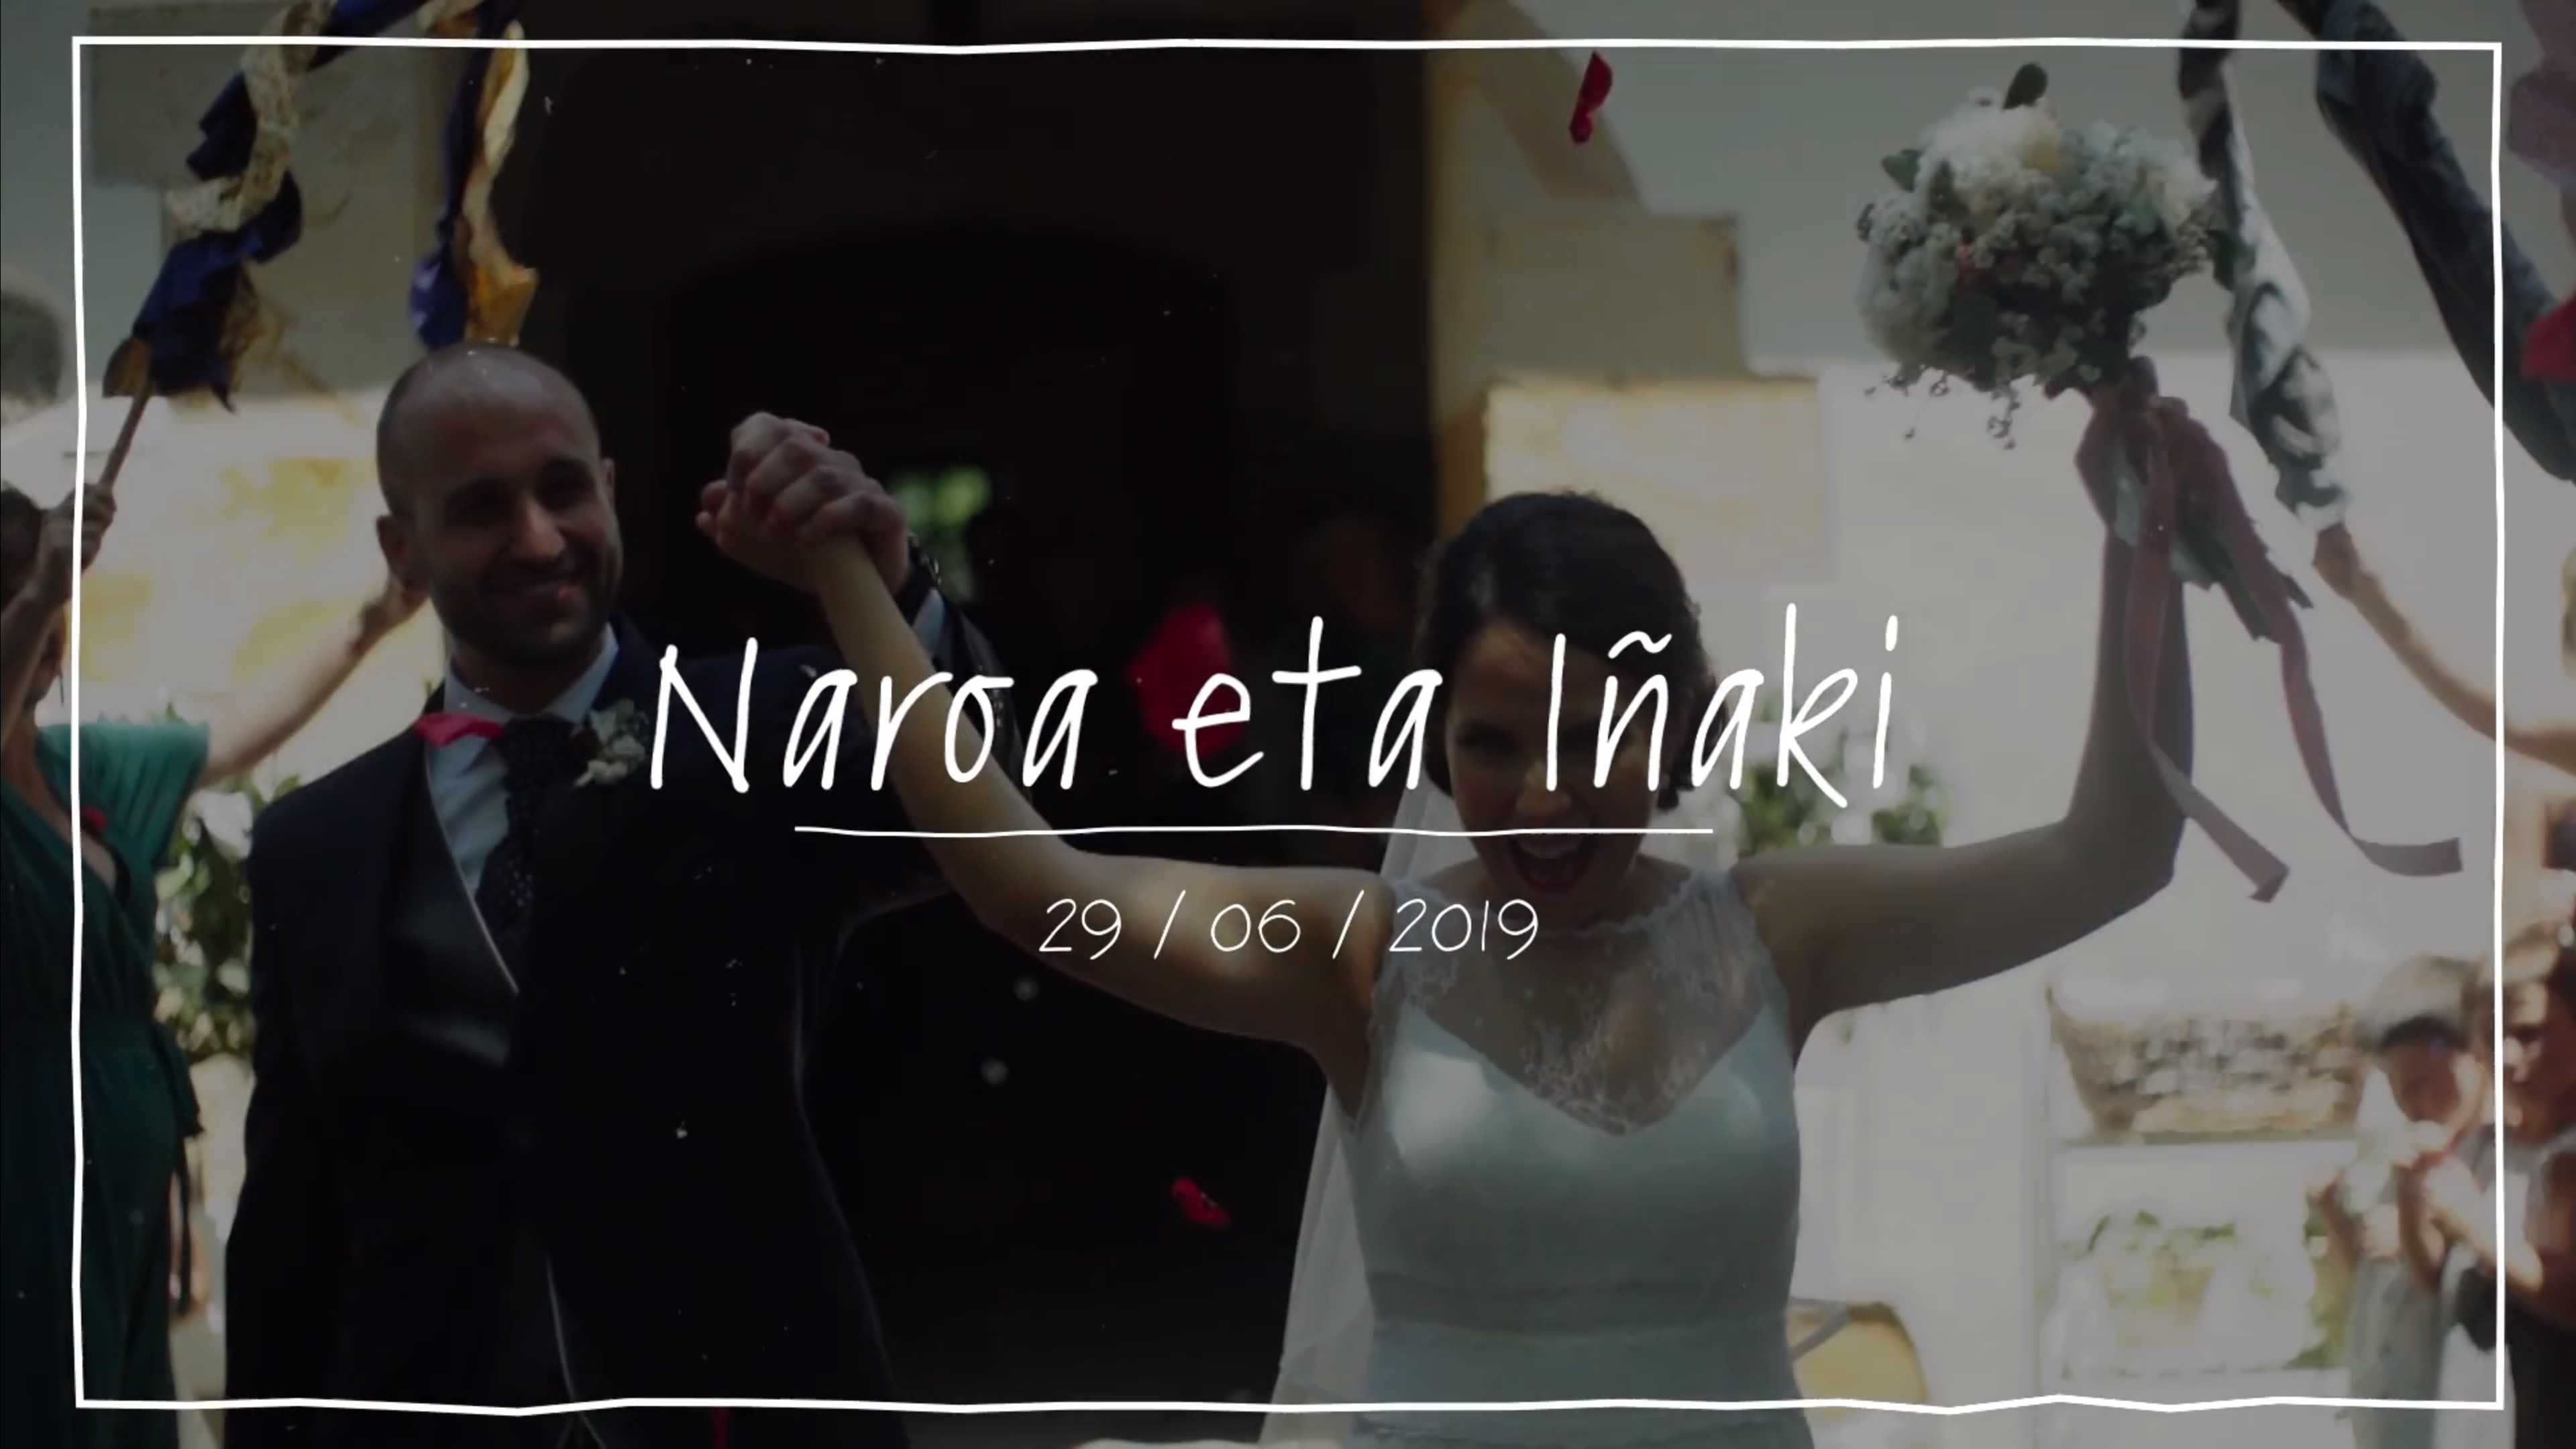 Naroa & Iñaki